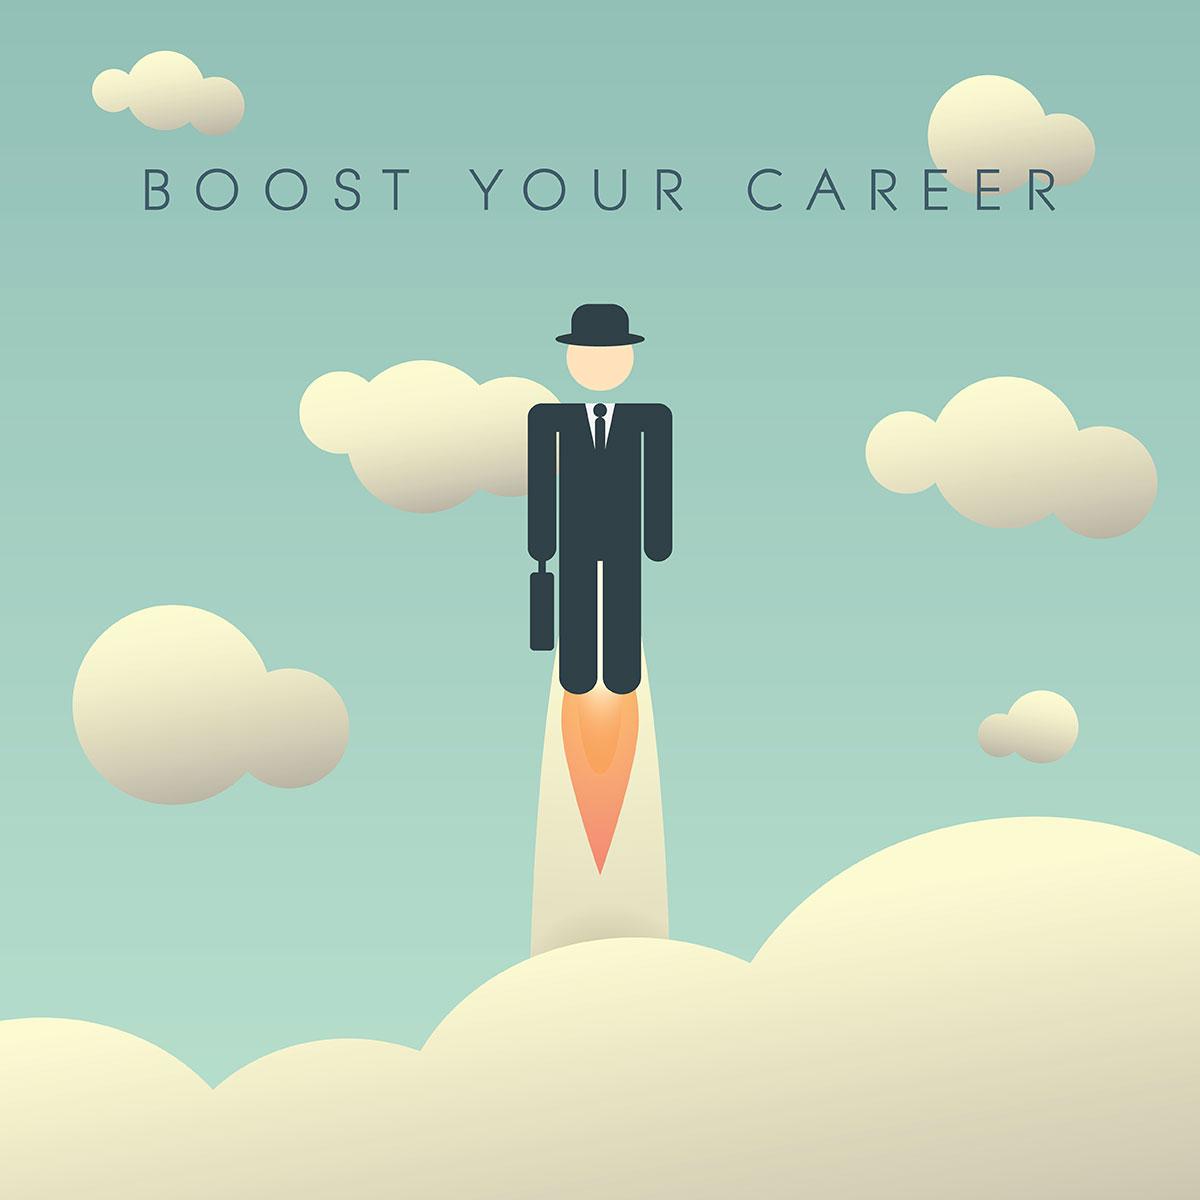 Profilo Linkedin per dare una spinta alla tua carriera